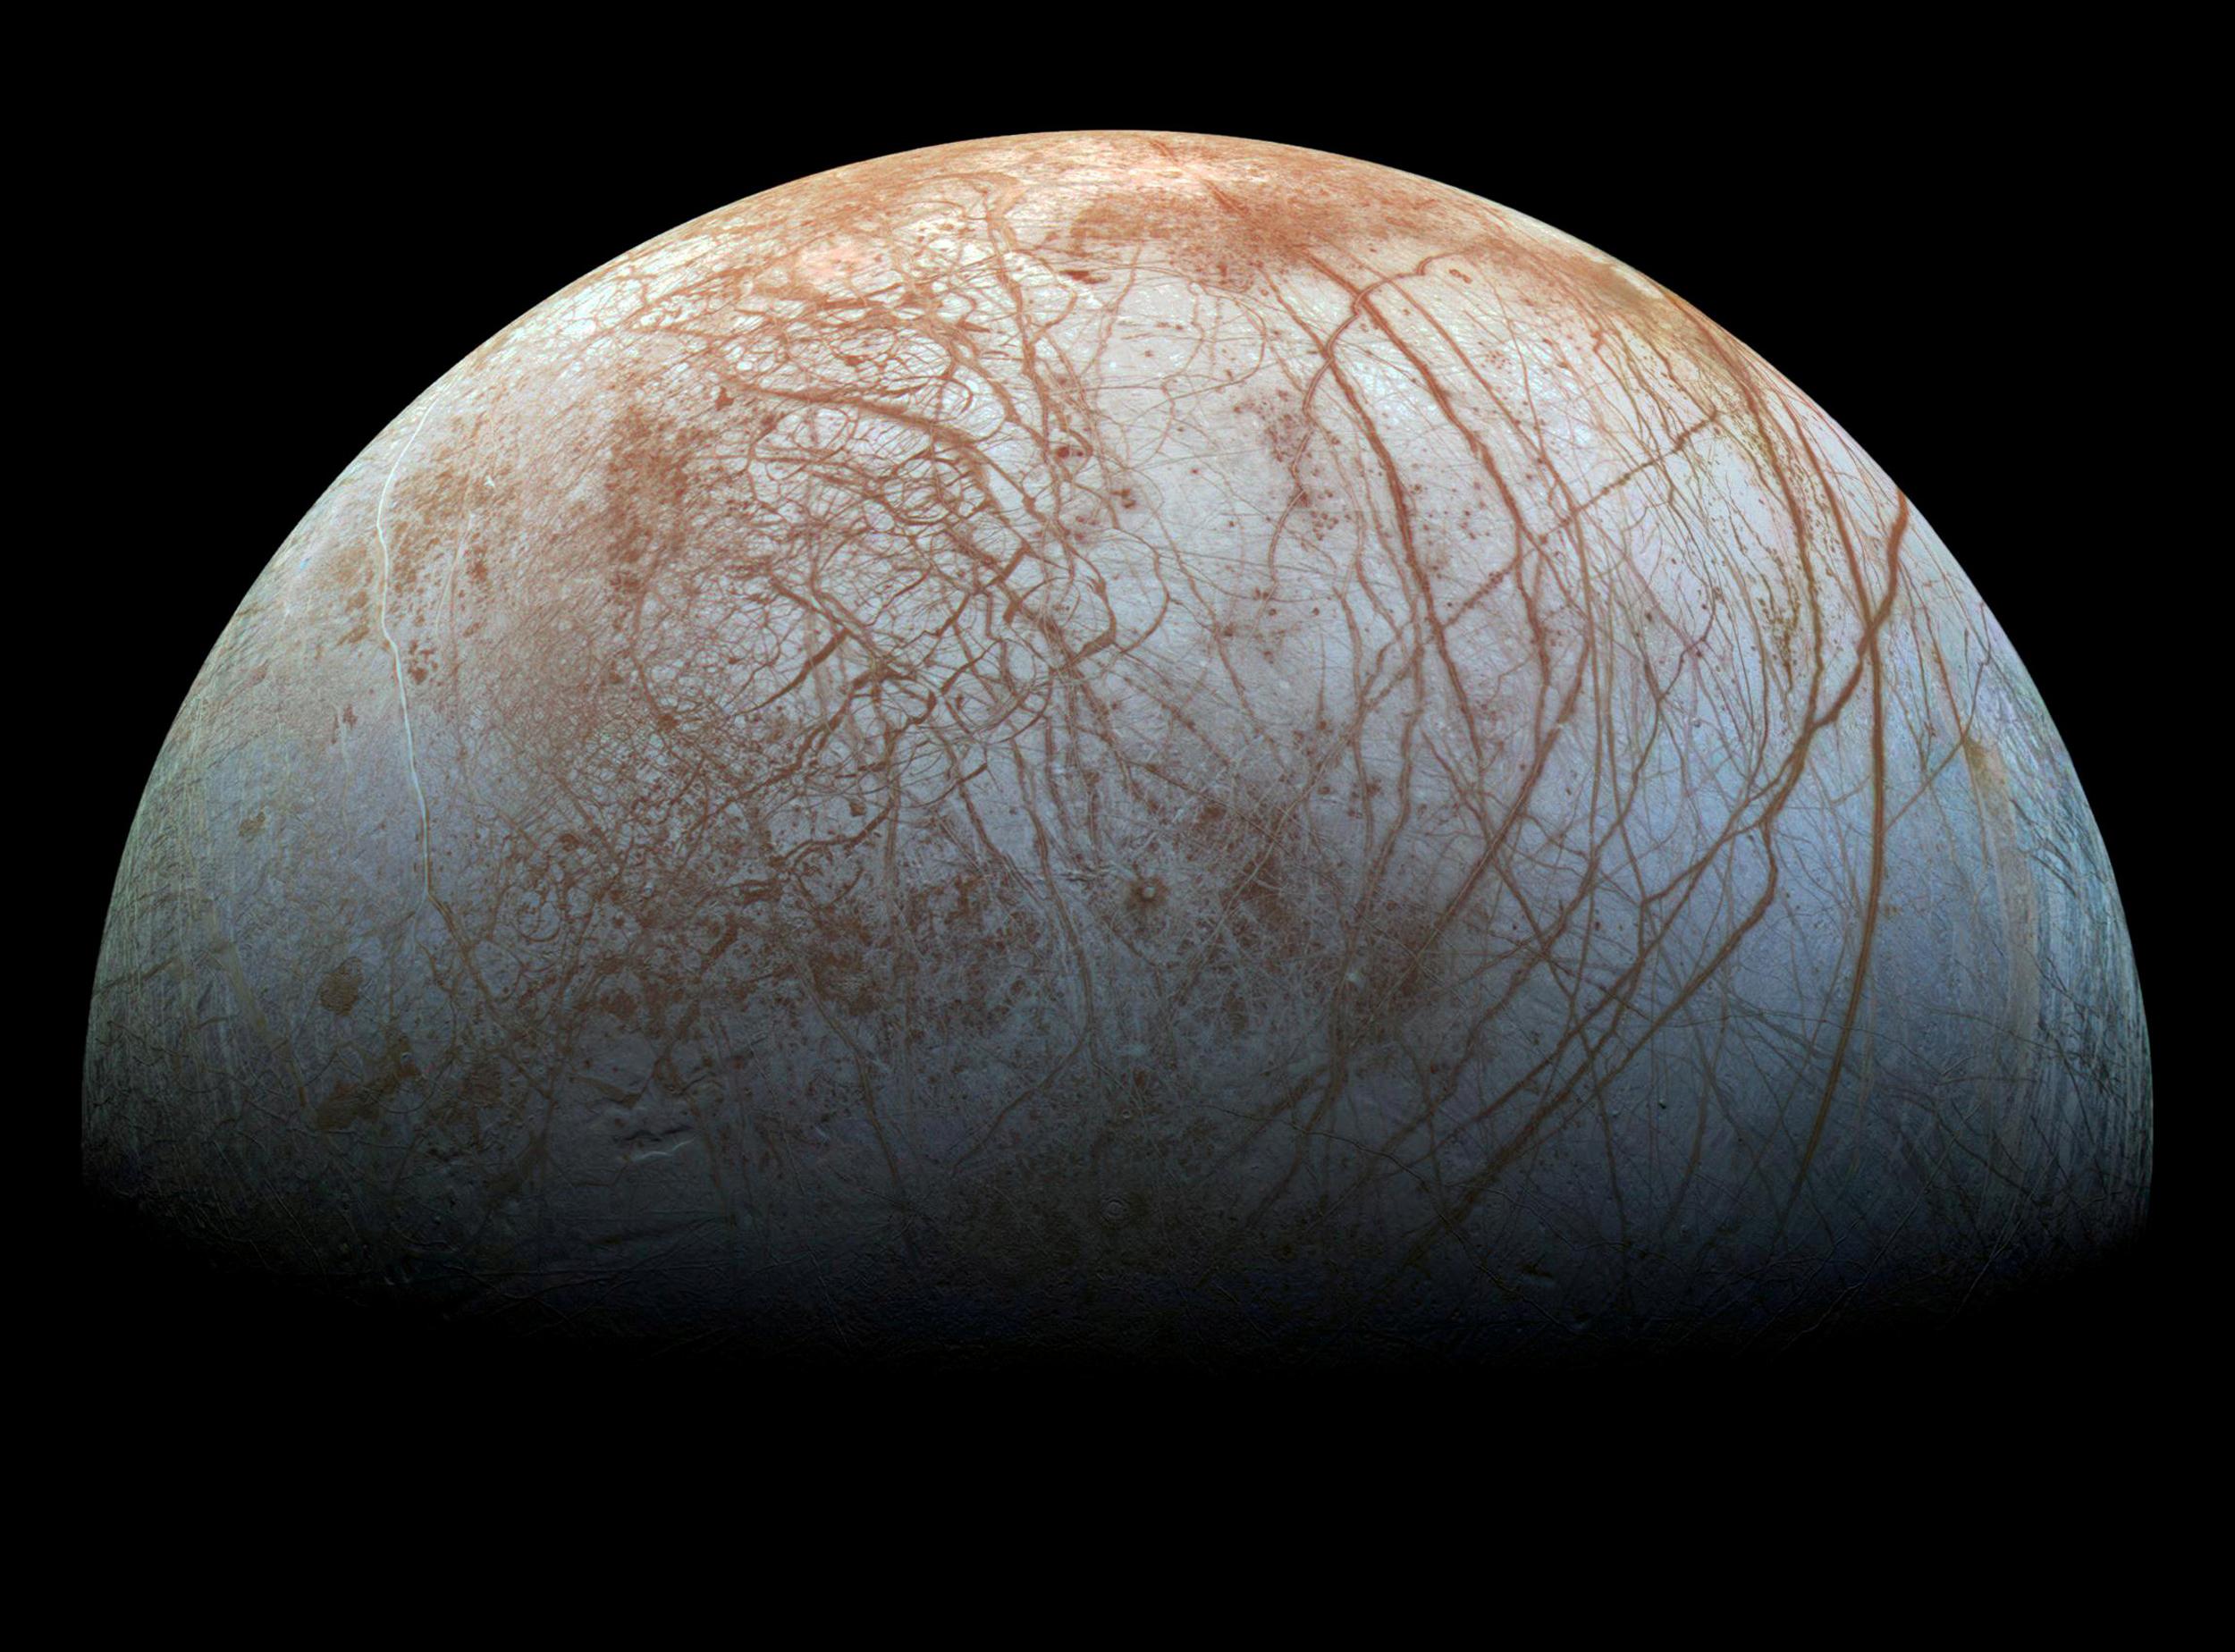 As plumas de Europa podem não se originar do oceano subterrâneo